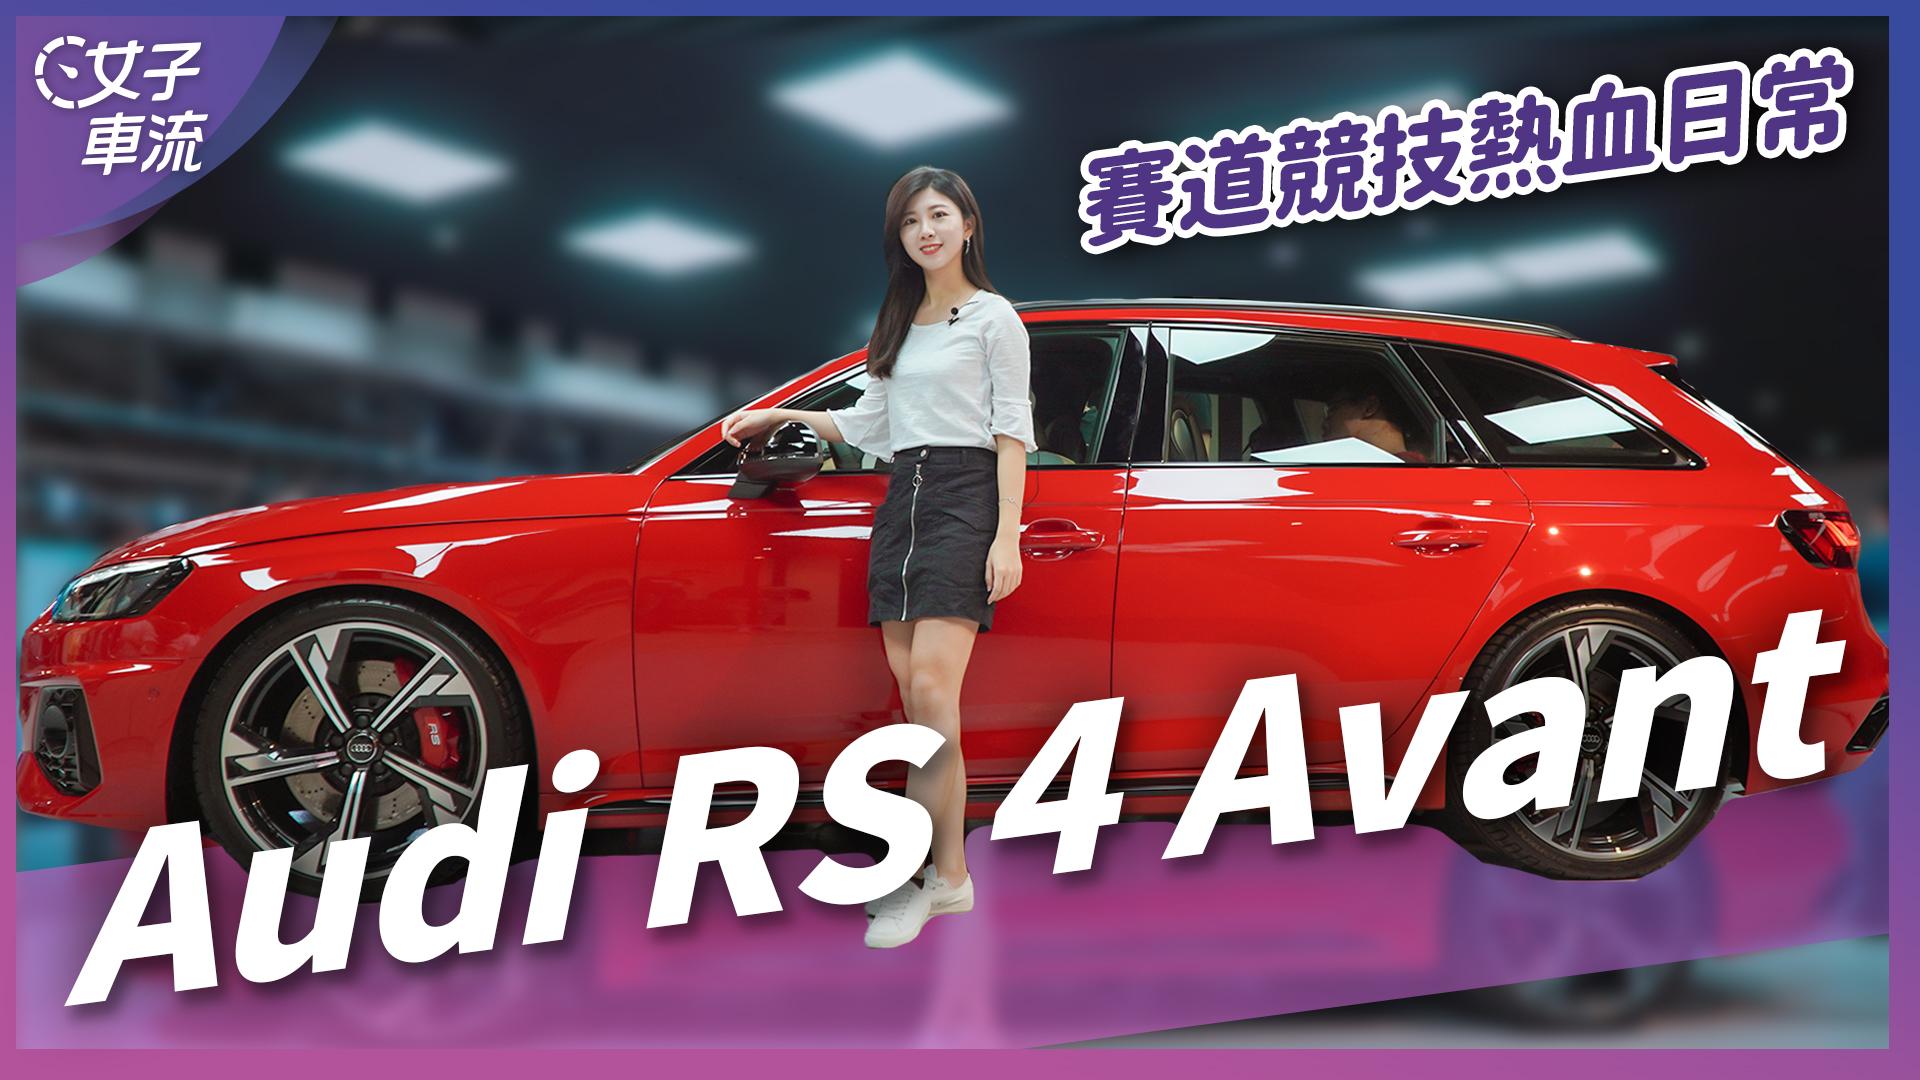 Audi RS 4 Avant 性能跑旅登台!A4 Avant 小改款預售價公佈 熱血好爸爸的愛